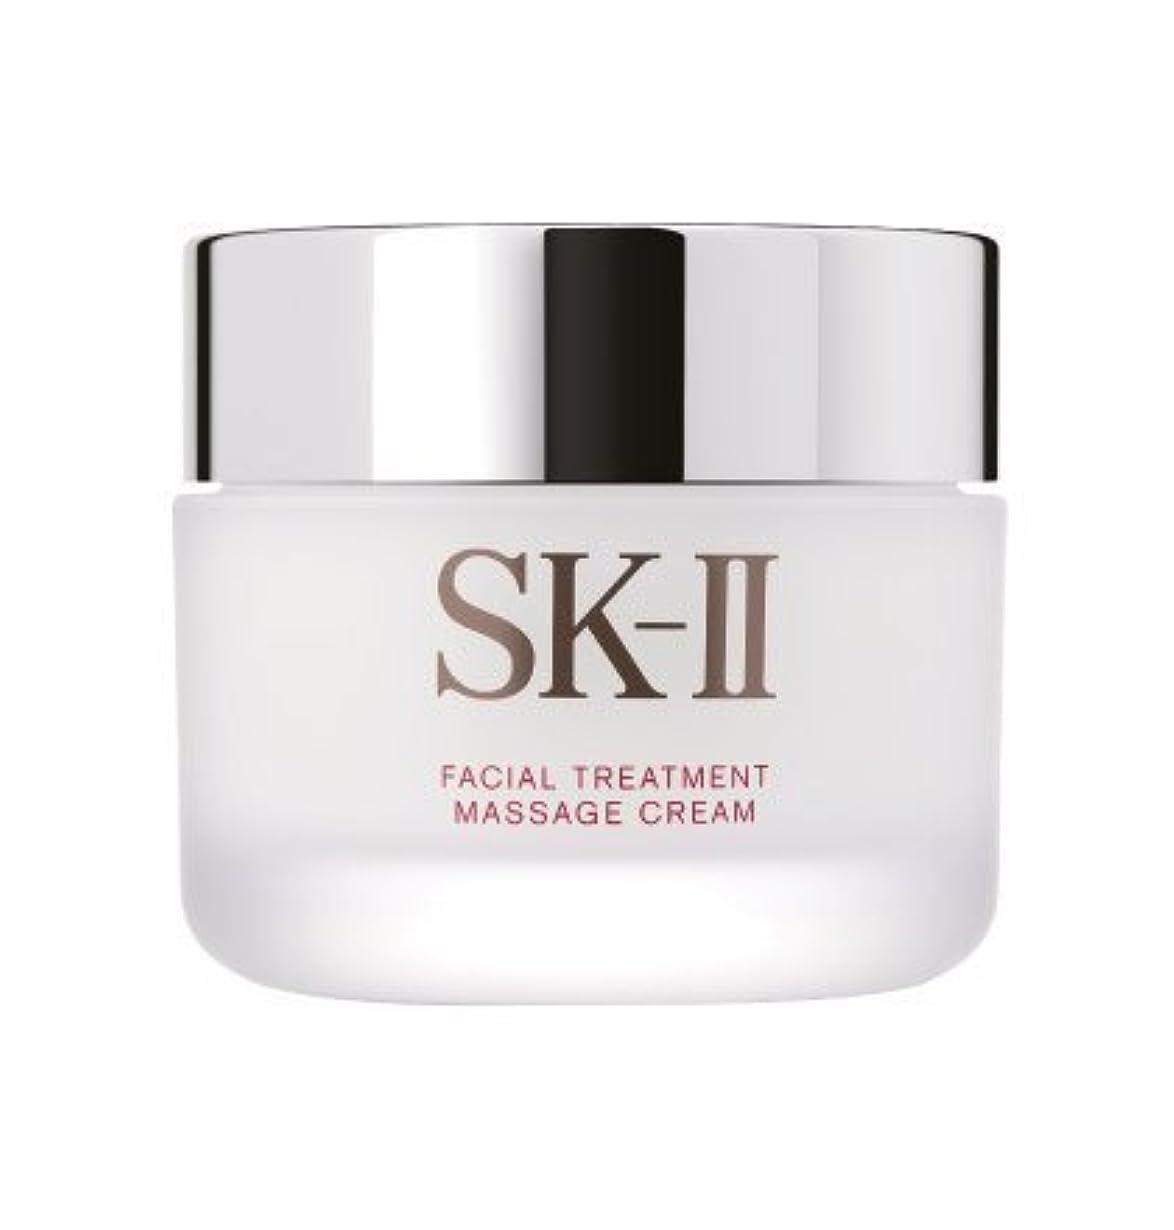 なぜならスマッシュ真っ逆さまSK-II フェイシャル トリートメント マッサージ クリーム 80g SK2 マックスファクター 化粧品 美容 クリーム